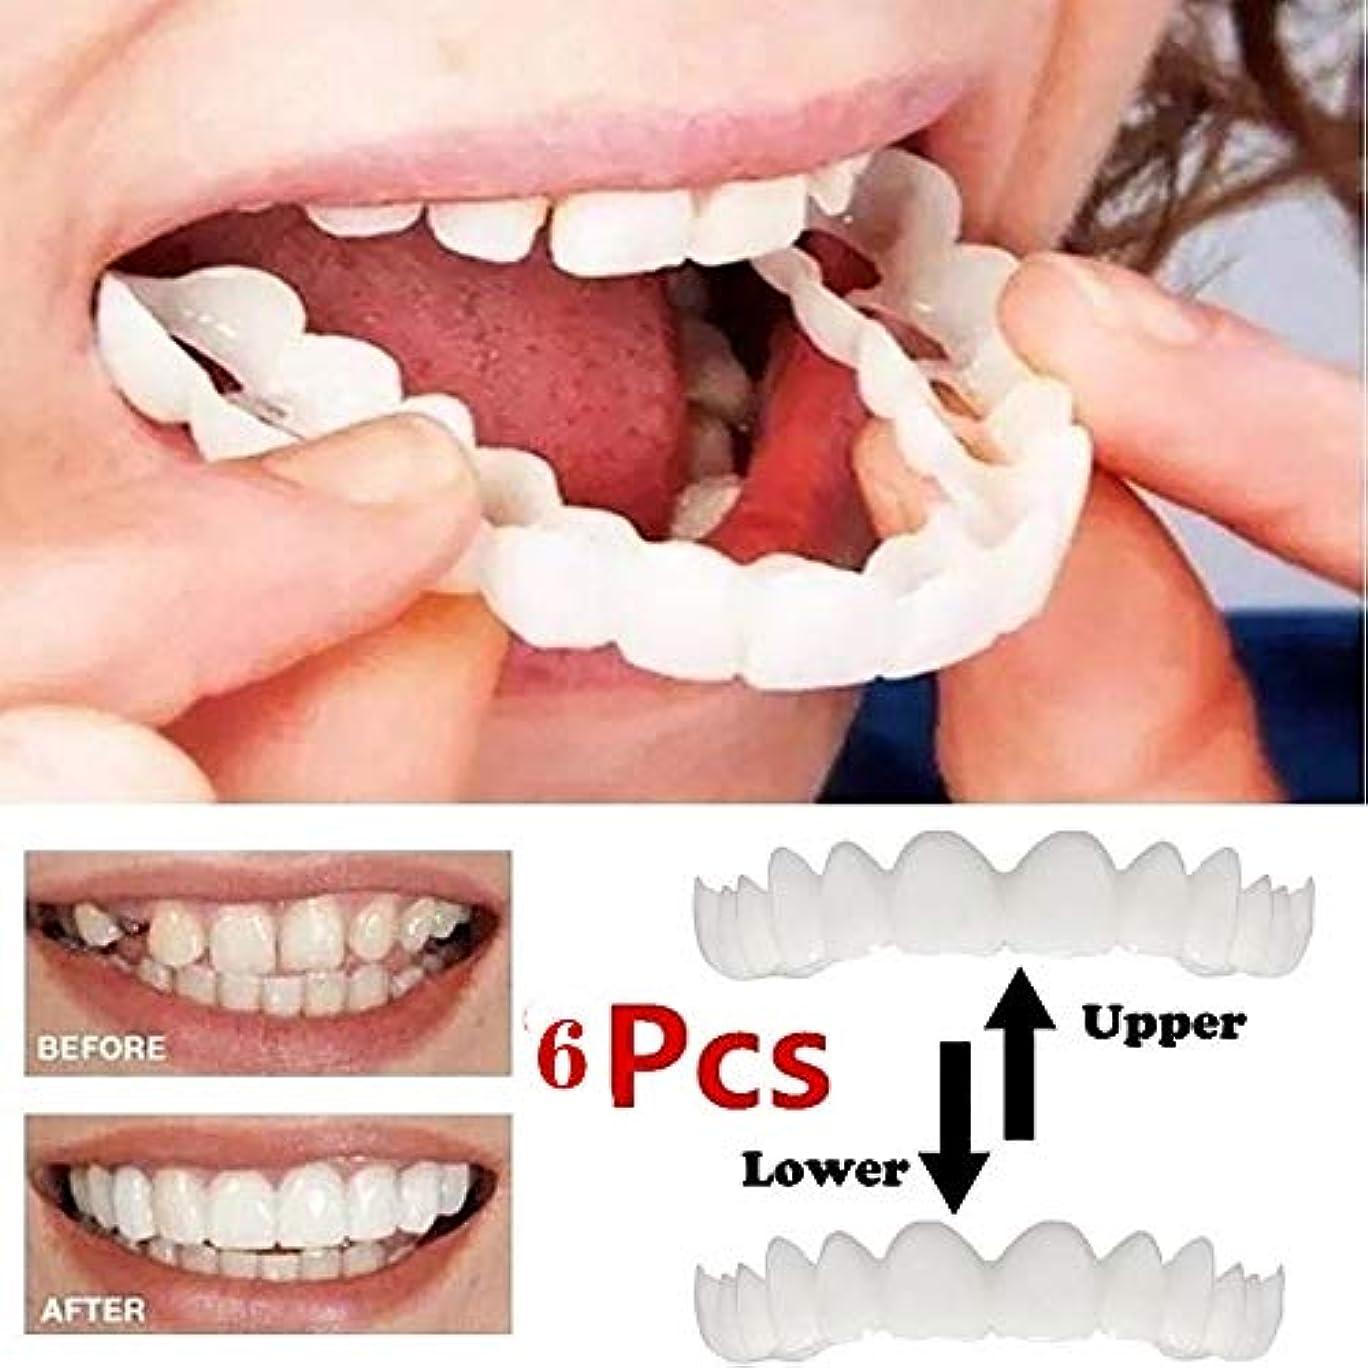 発表する磁石ライン最新の突き板の歯、化粧品の歯3ペア - 一時的な笑顔の快適さフィットフレックス化粧品の歯、ワンサイズが最もフィット、快適なトップとボトムベニア - 歯突き板(ボトム+トップ)